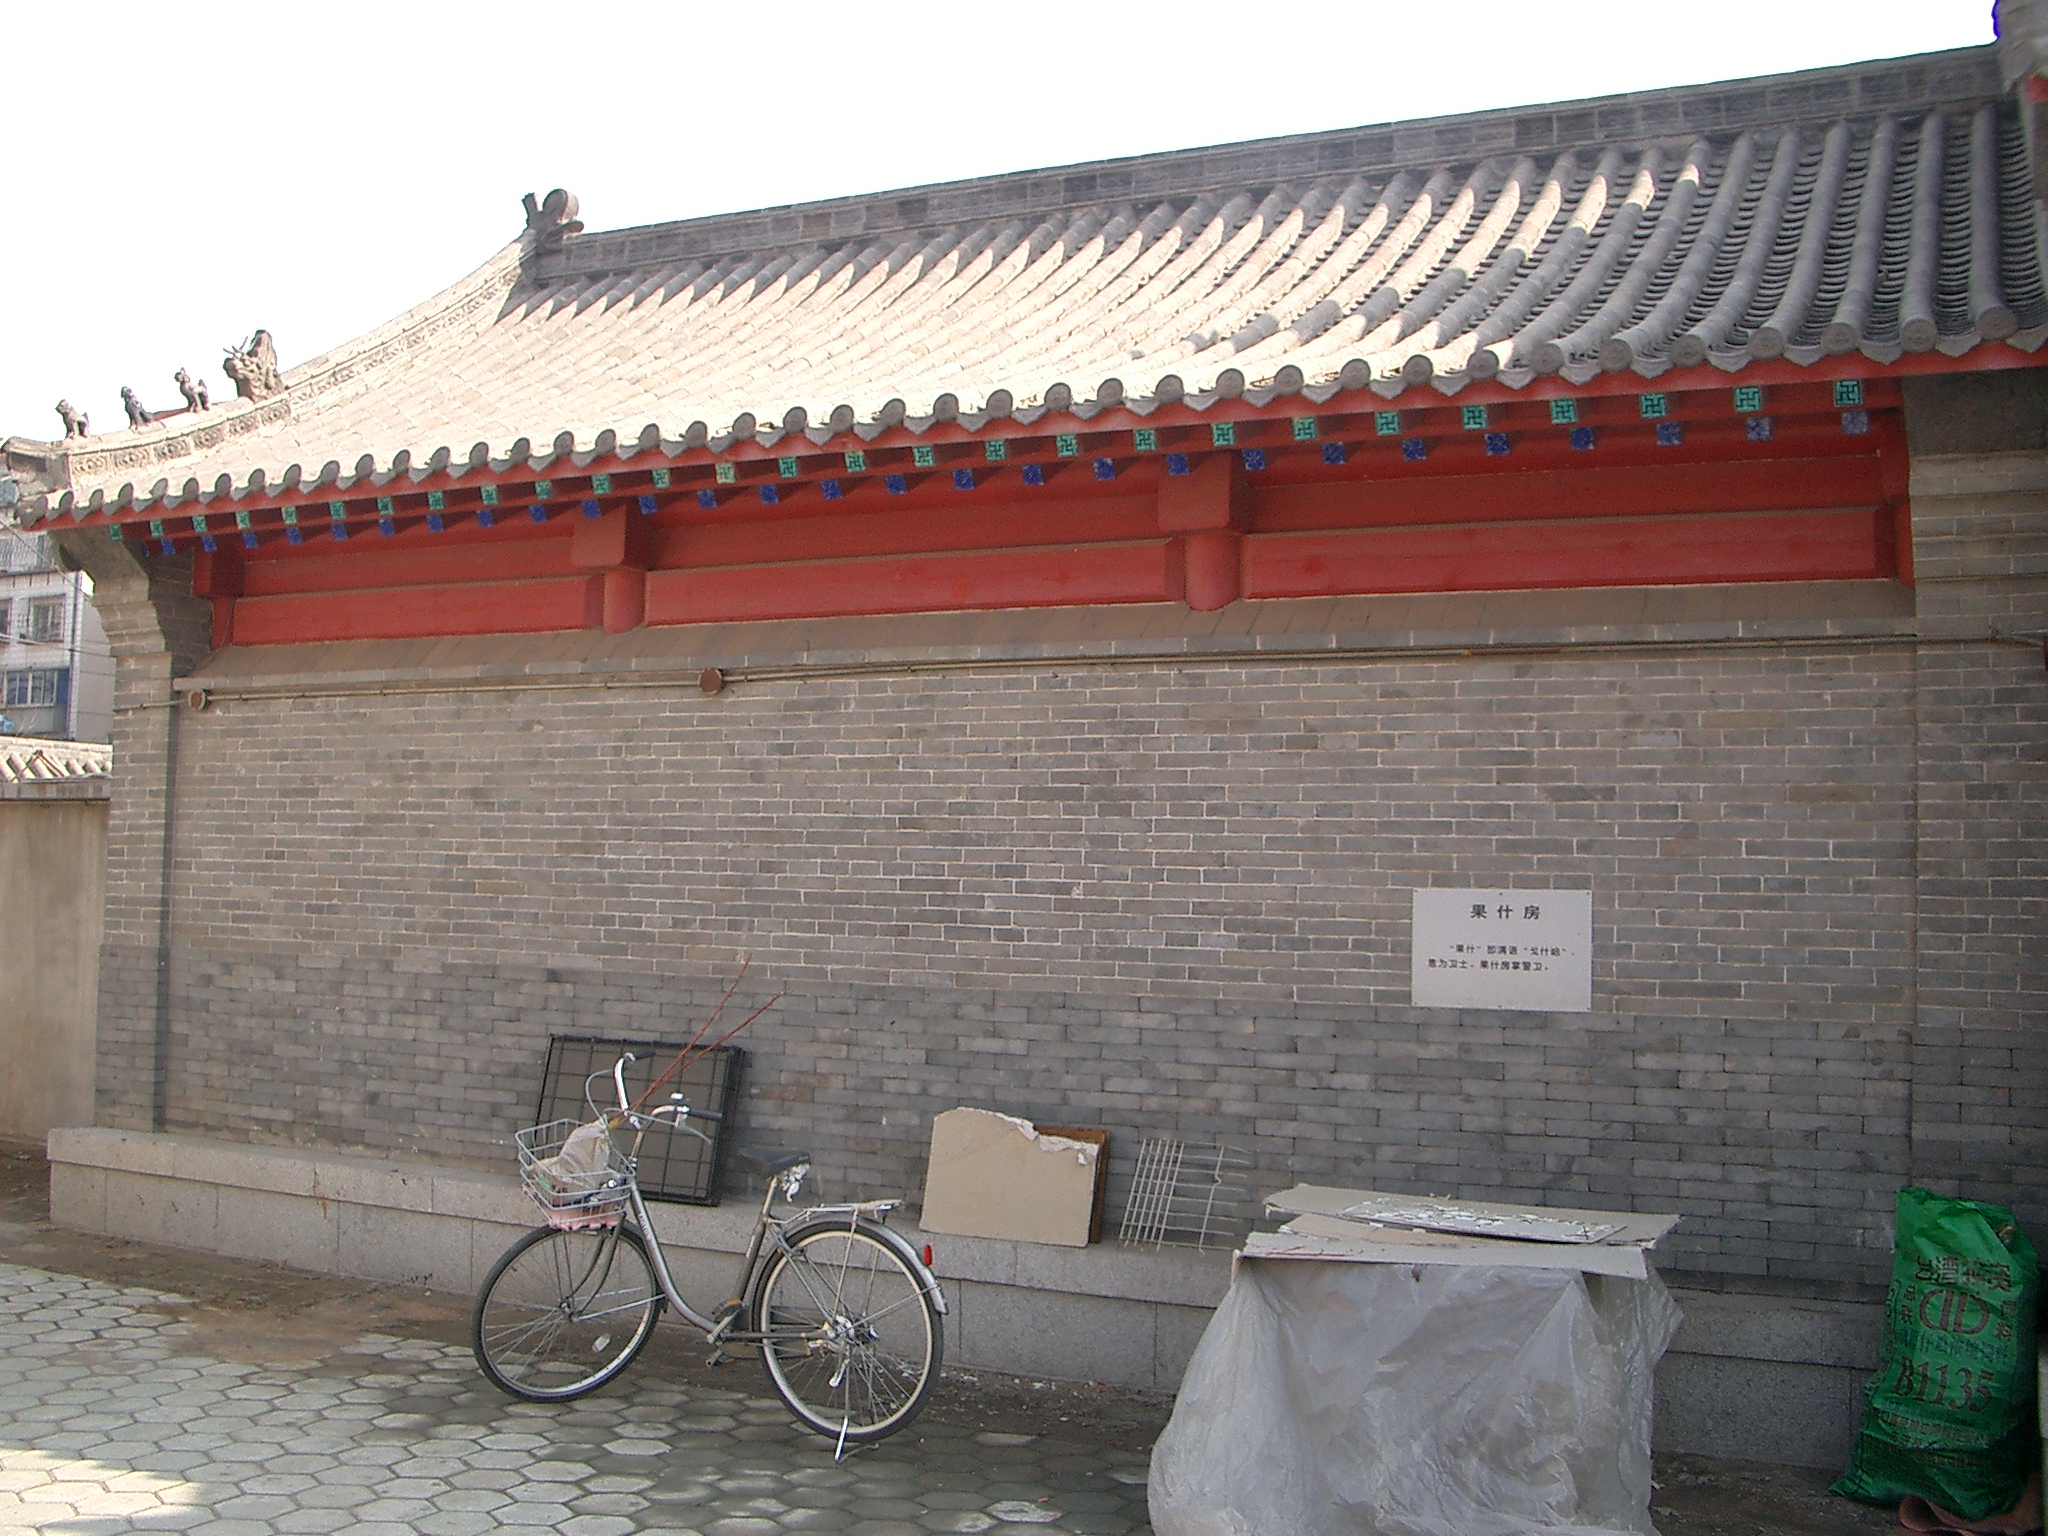 果什房(正門横の守衛所のような建物)